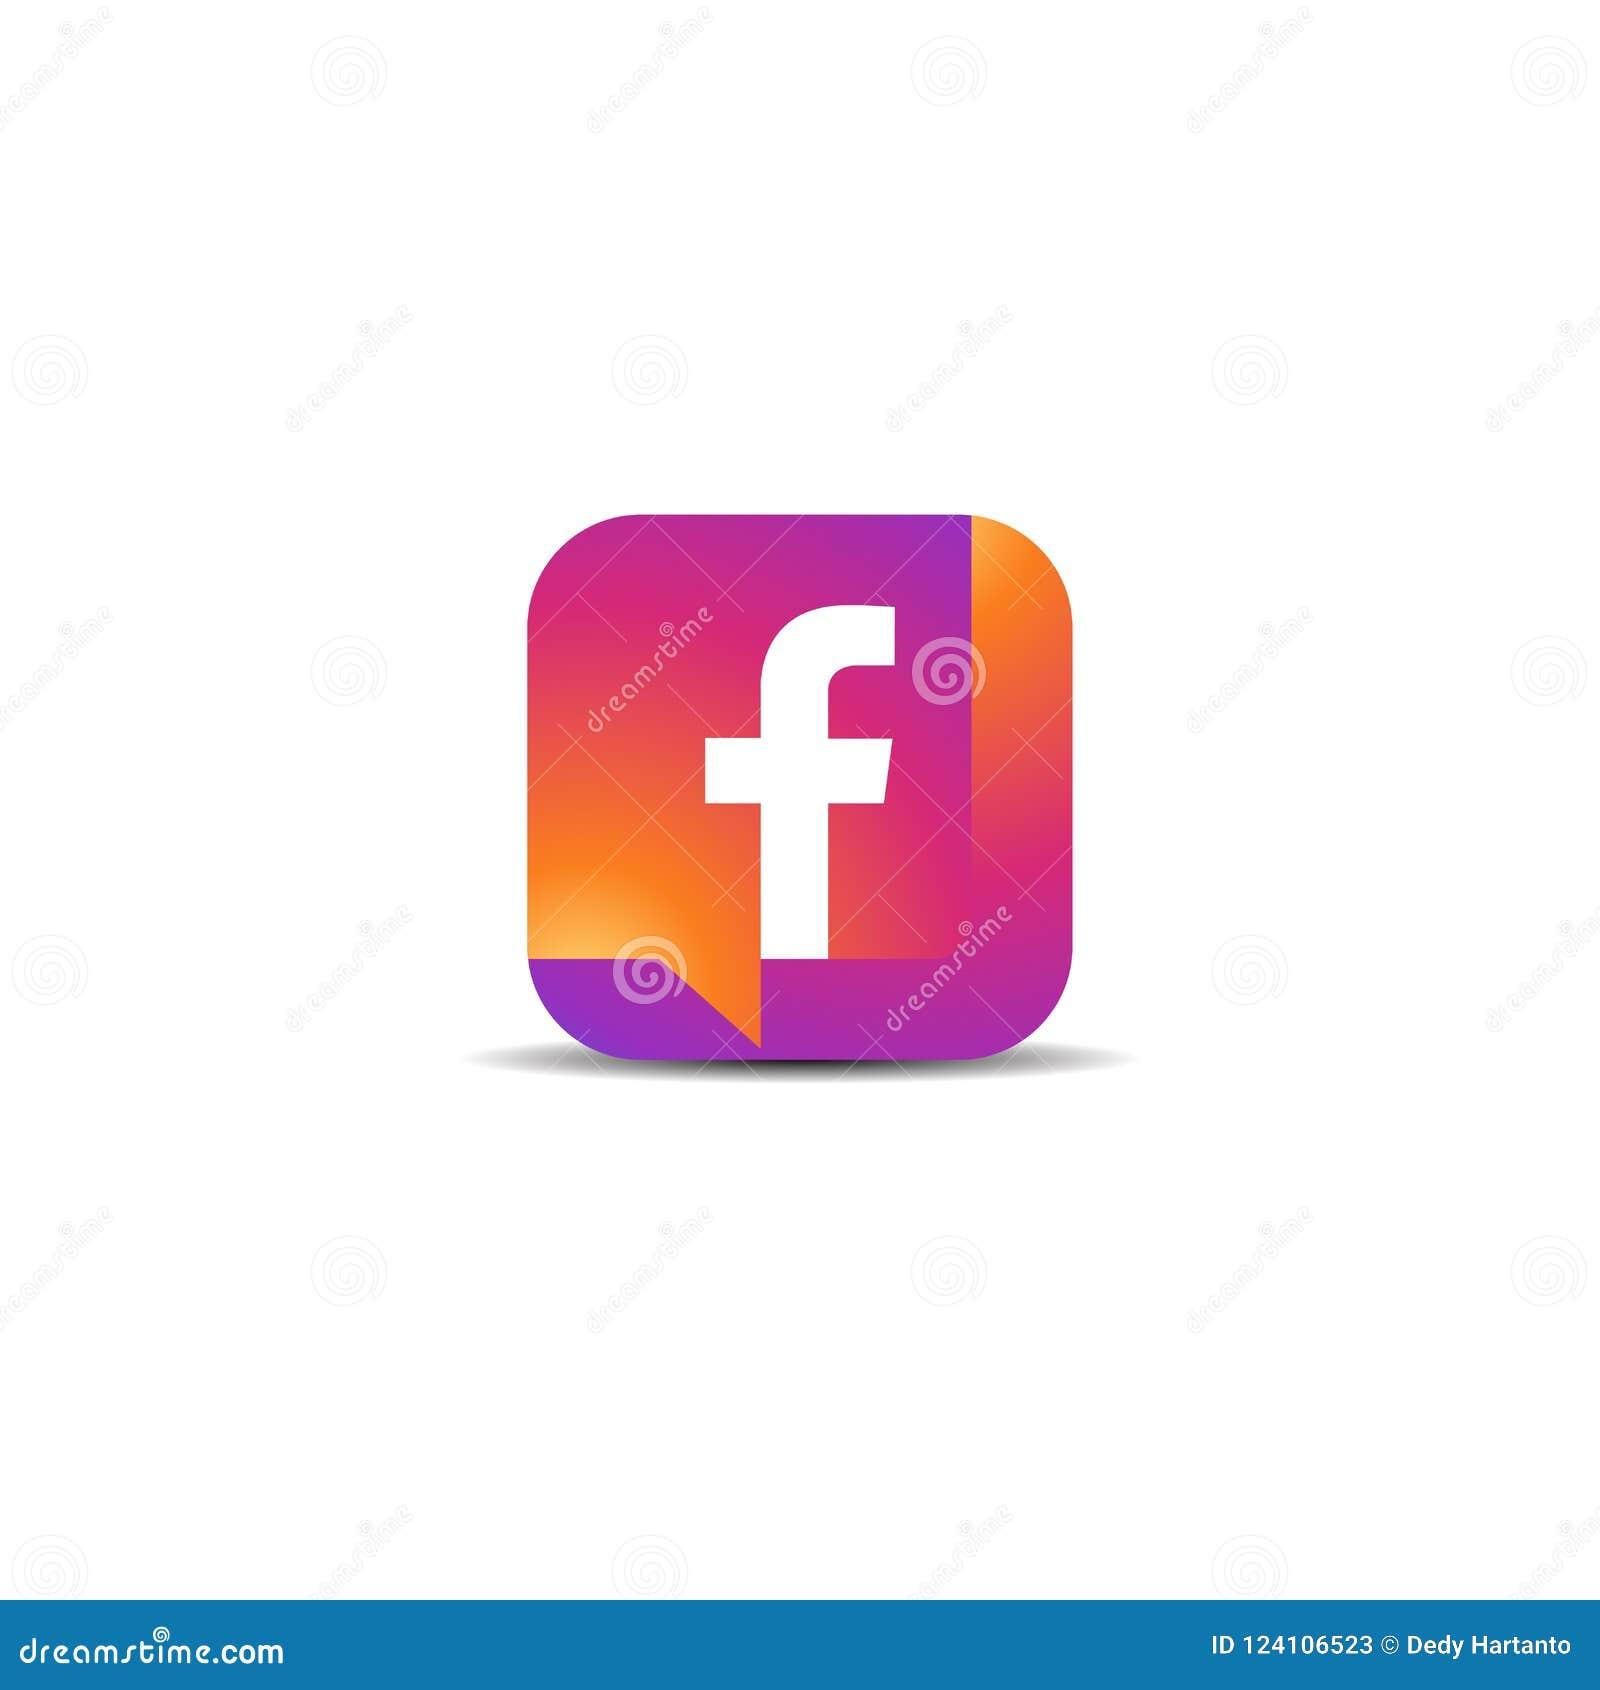 Colorful facebook icon vector logo stock vector illustration of download colorful facebook icon vector logo stock vector illustration of font creative 124106523 maxwellsz